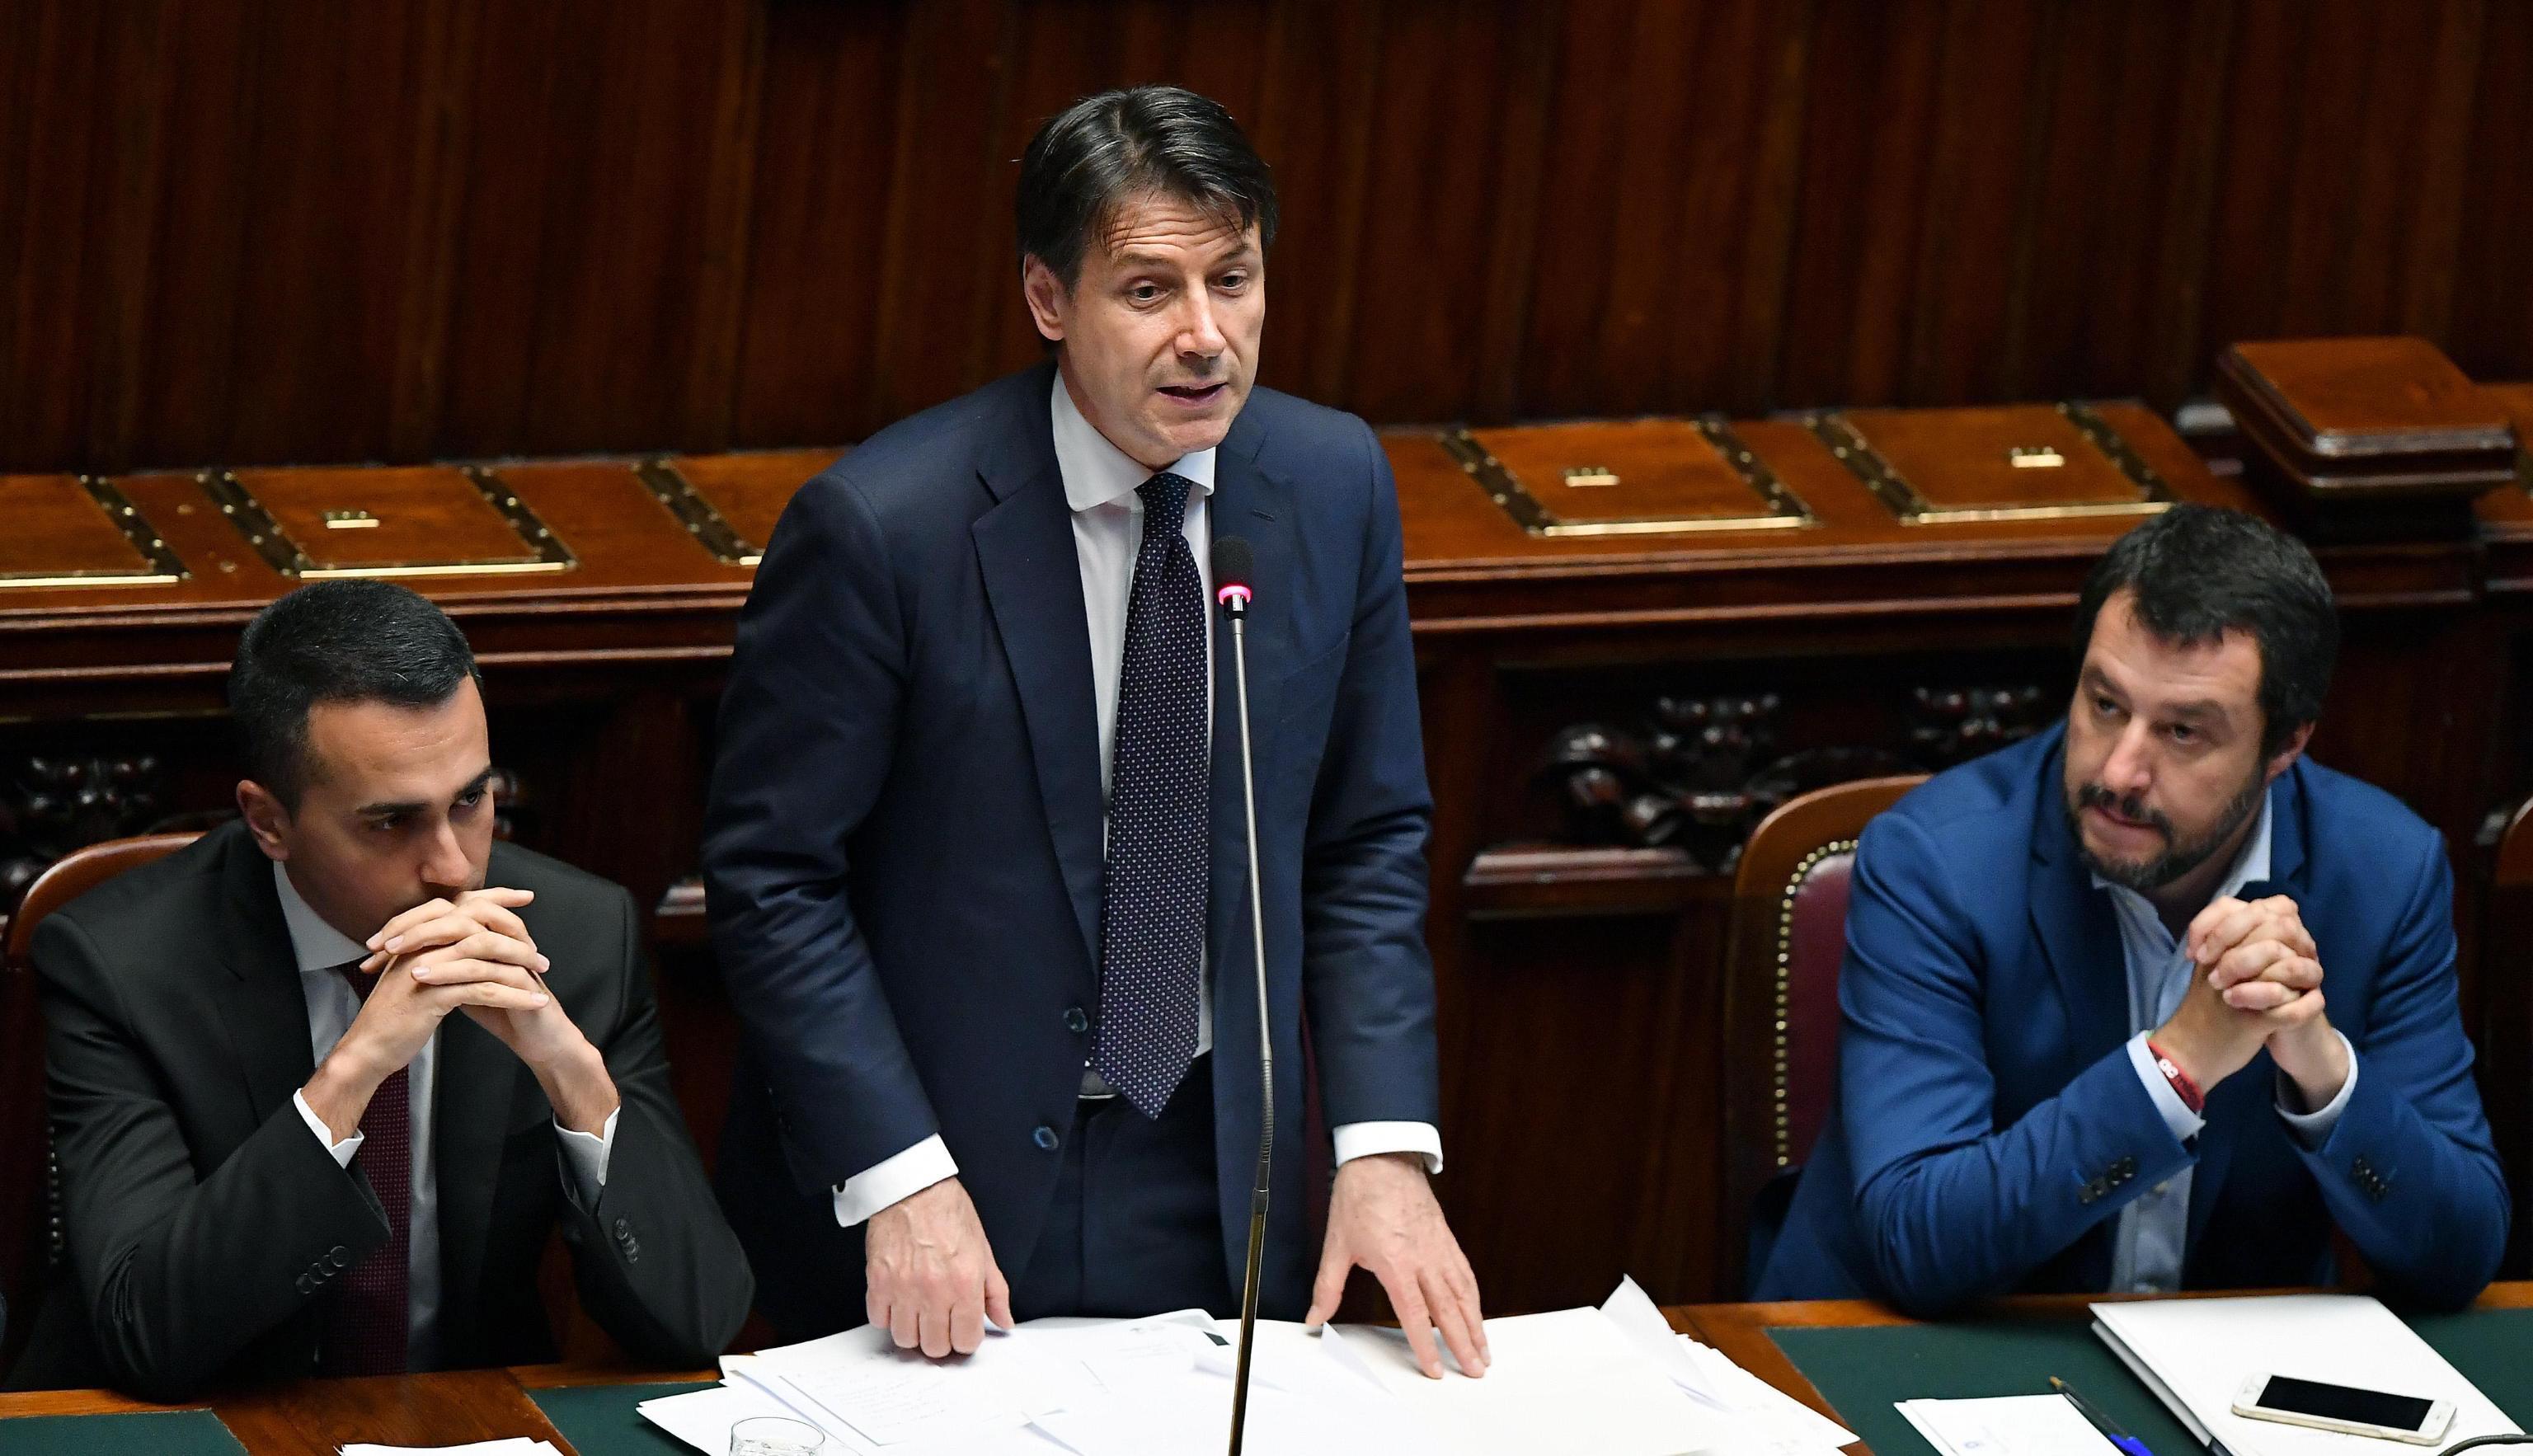 Talijanska vlada još uvijek bez dogovora o proračunu